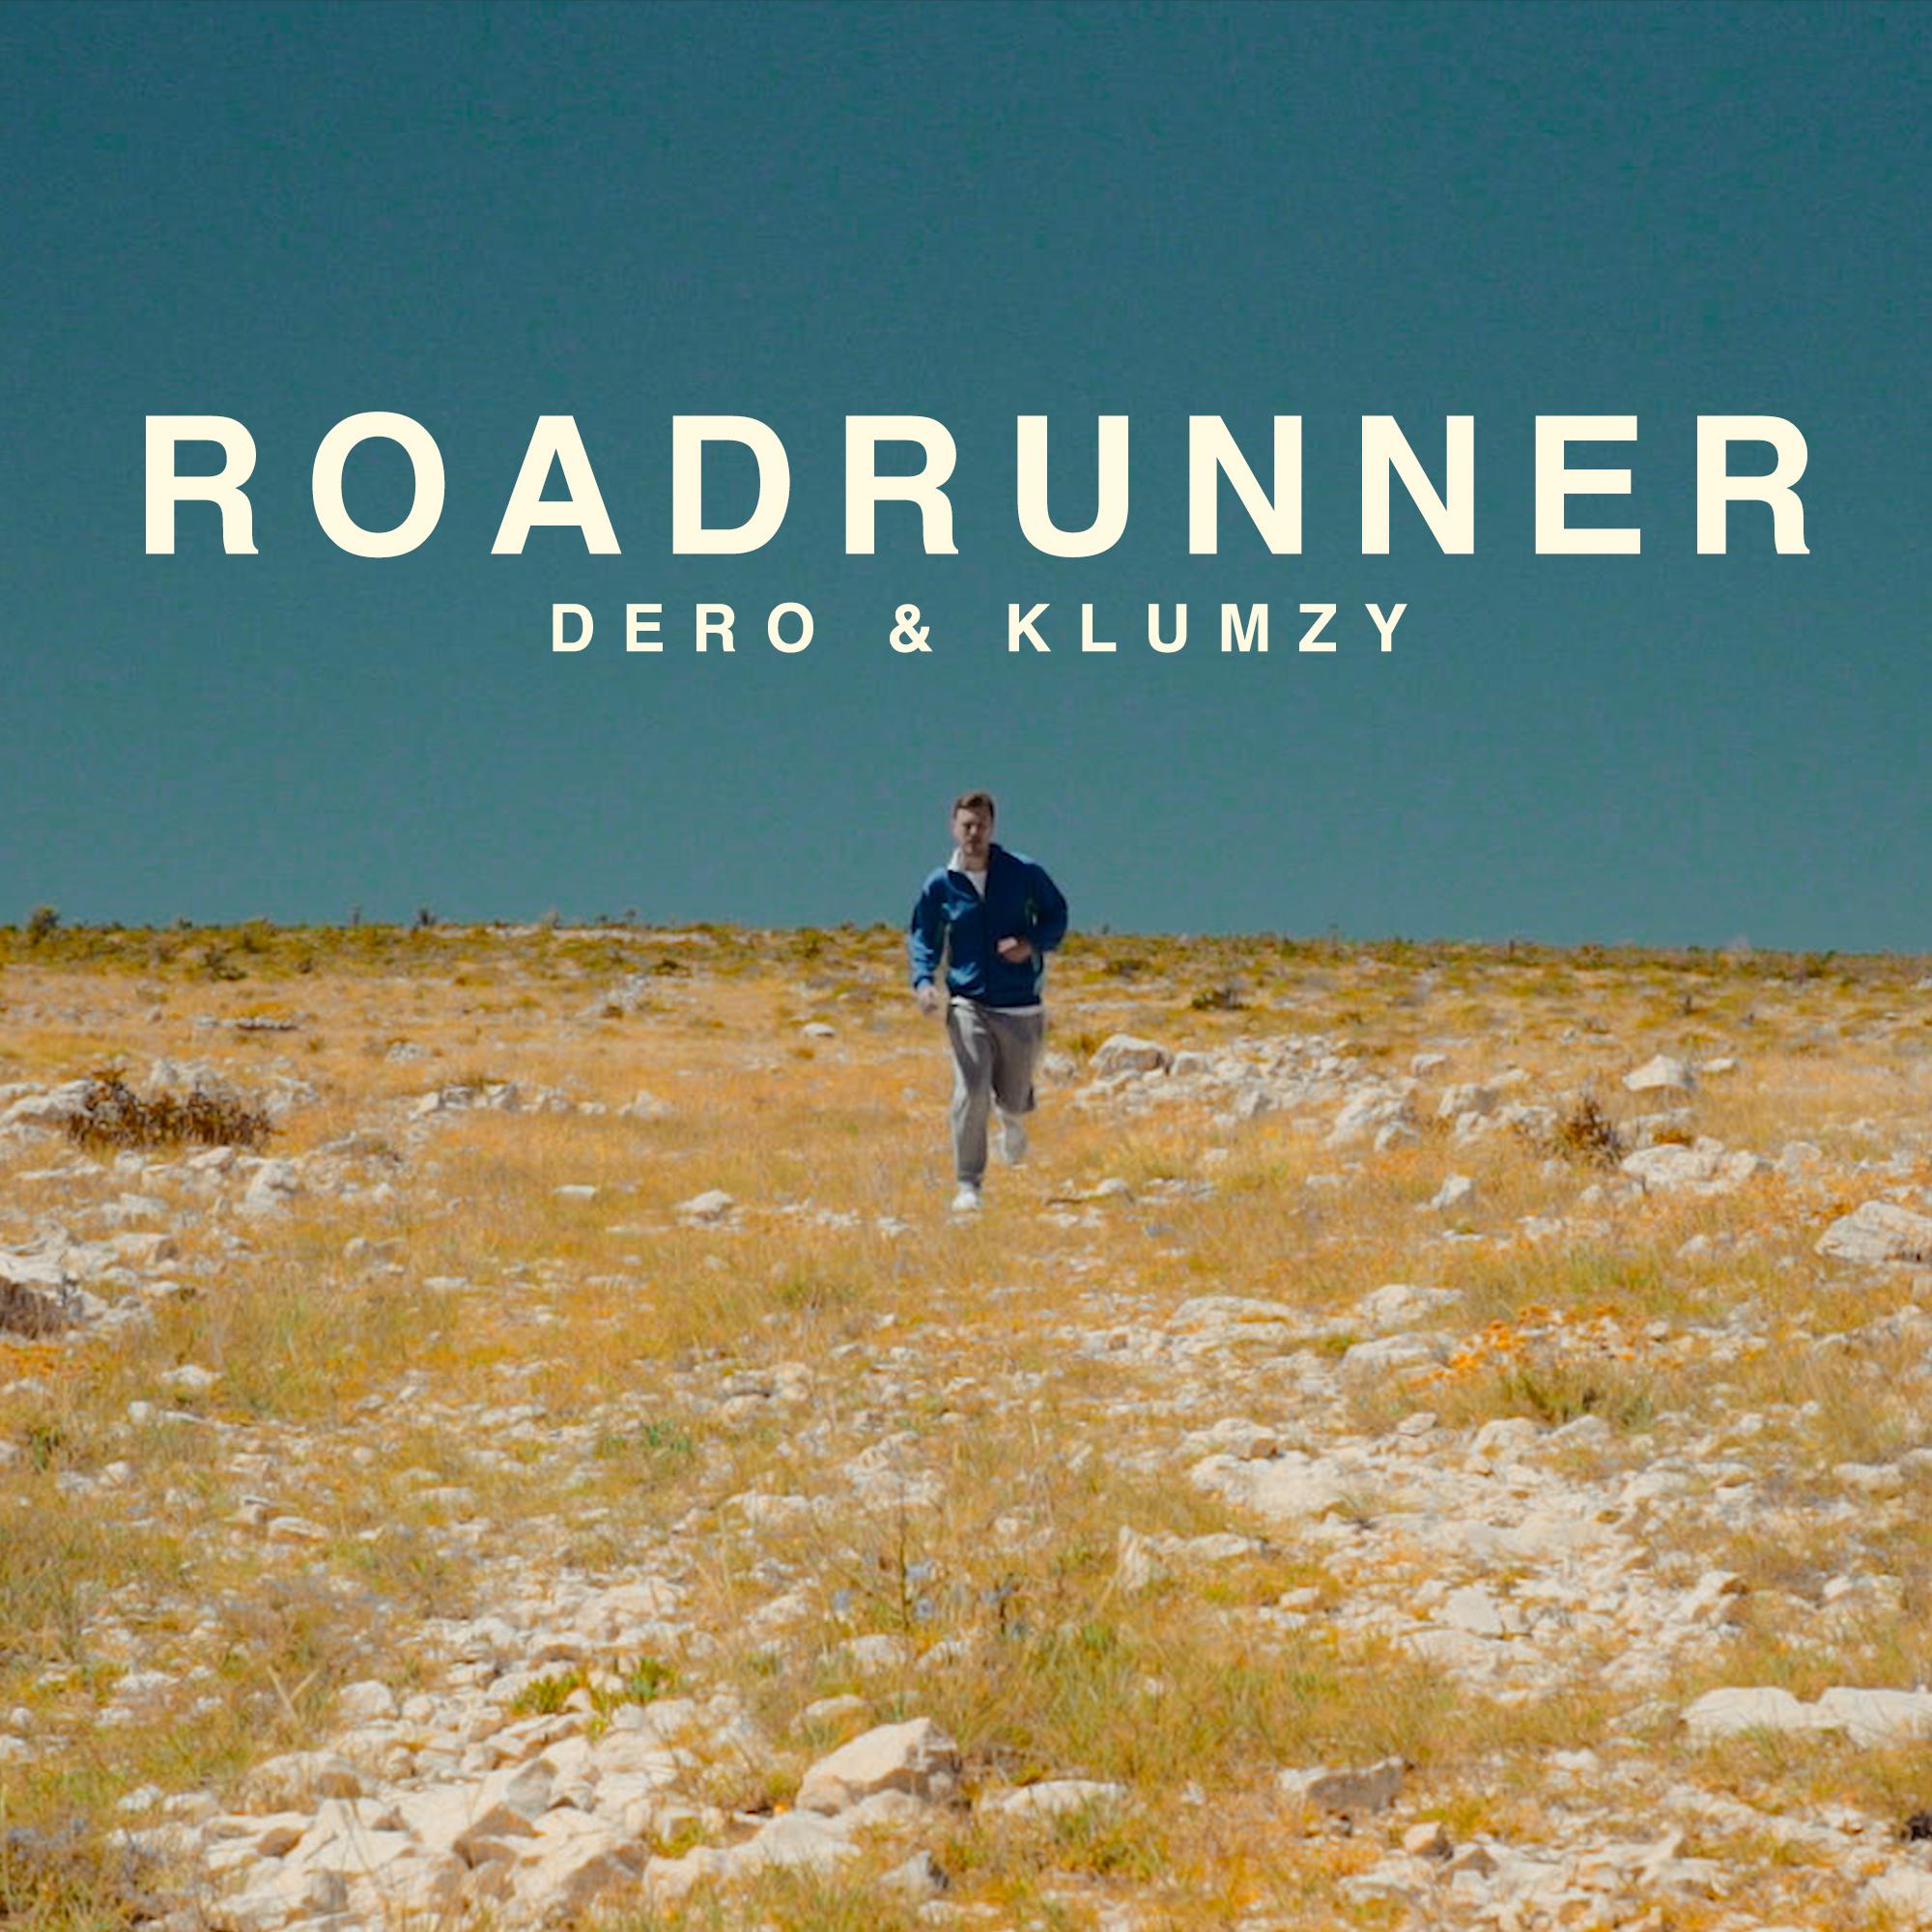 Dero & Klumzy - Roadrunner_2000x2000.jpg